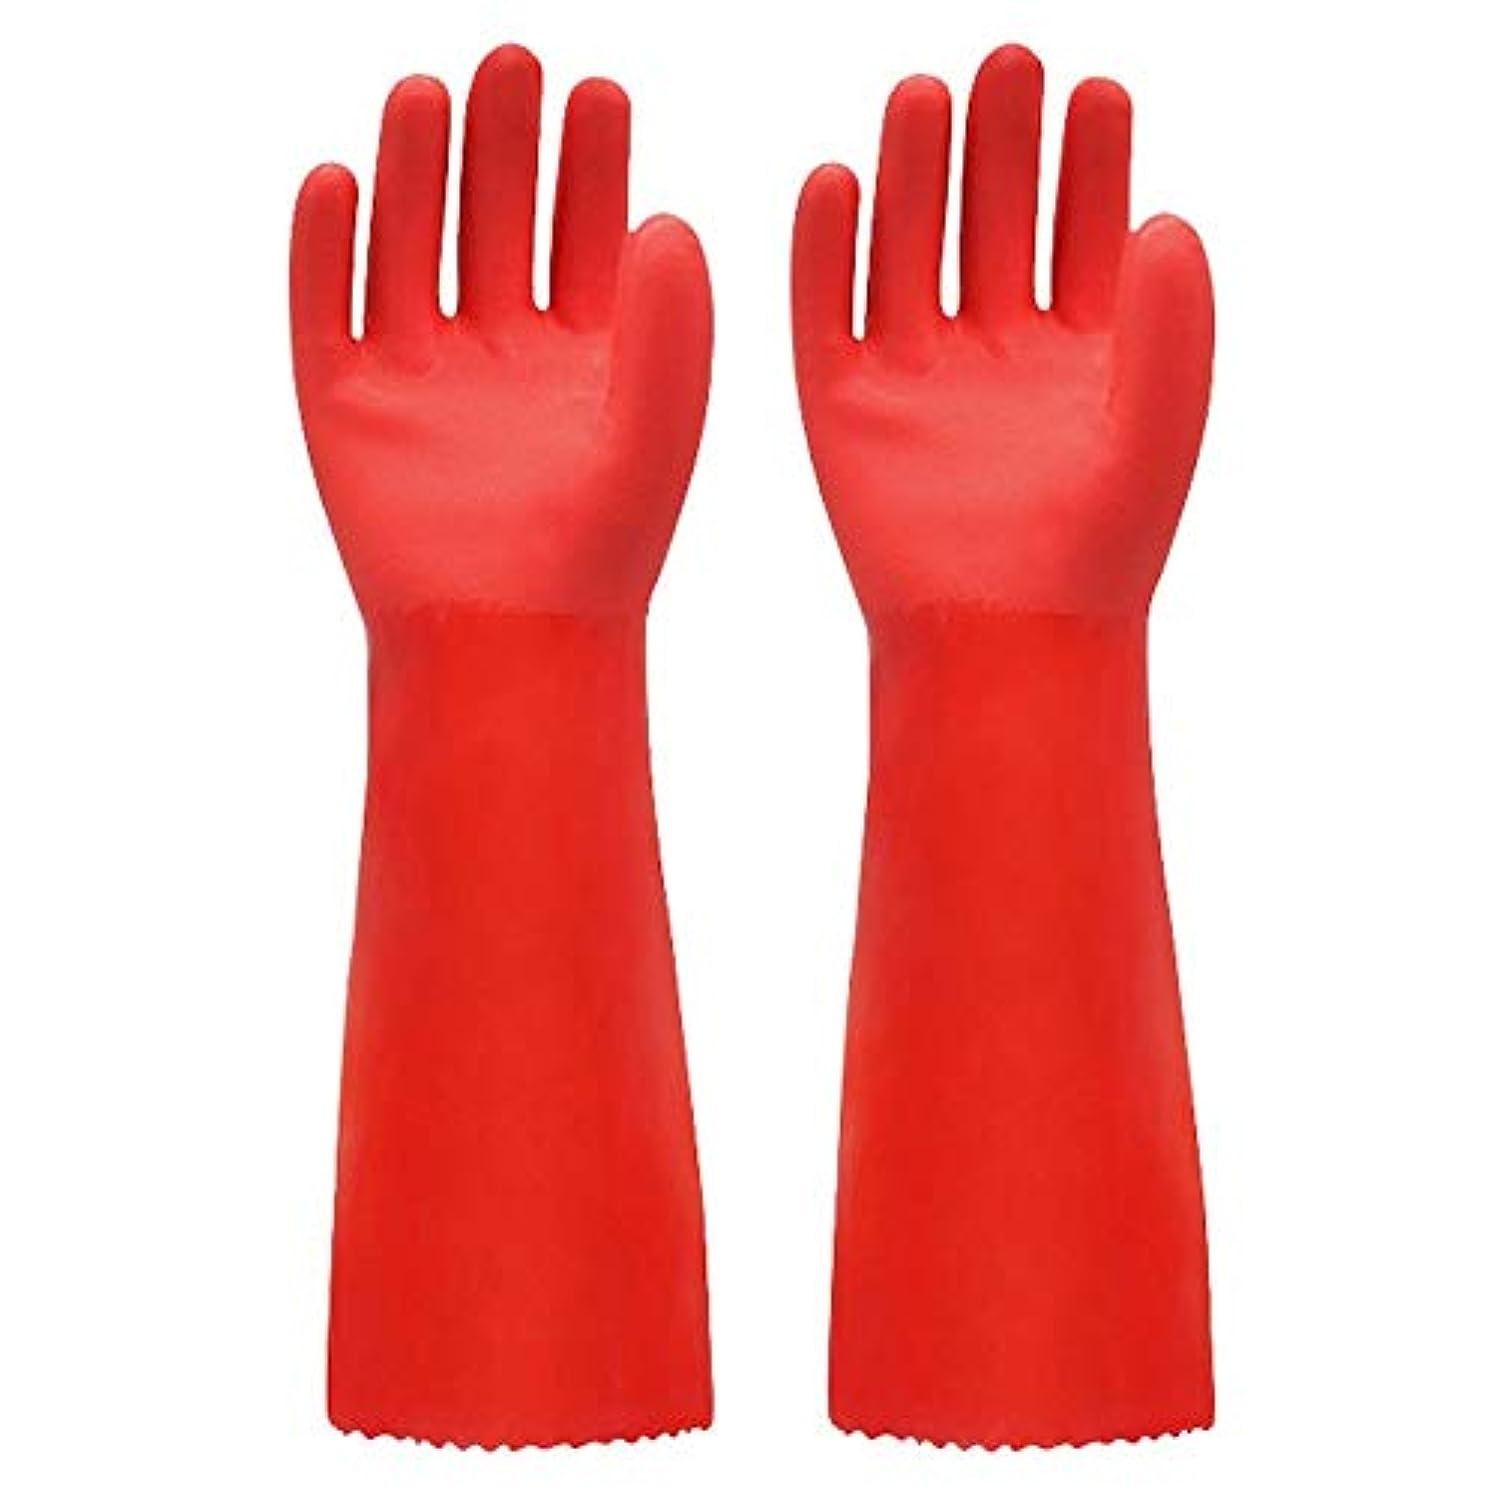 ソブリケット頼む作りニトリルゴム手袋 ゴム手袋長く暖かいとビロードのゴム製防水と耐久性のある手袋、1ペア 使い捨て手袋 (Color : RED, Size : L)